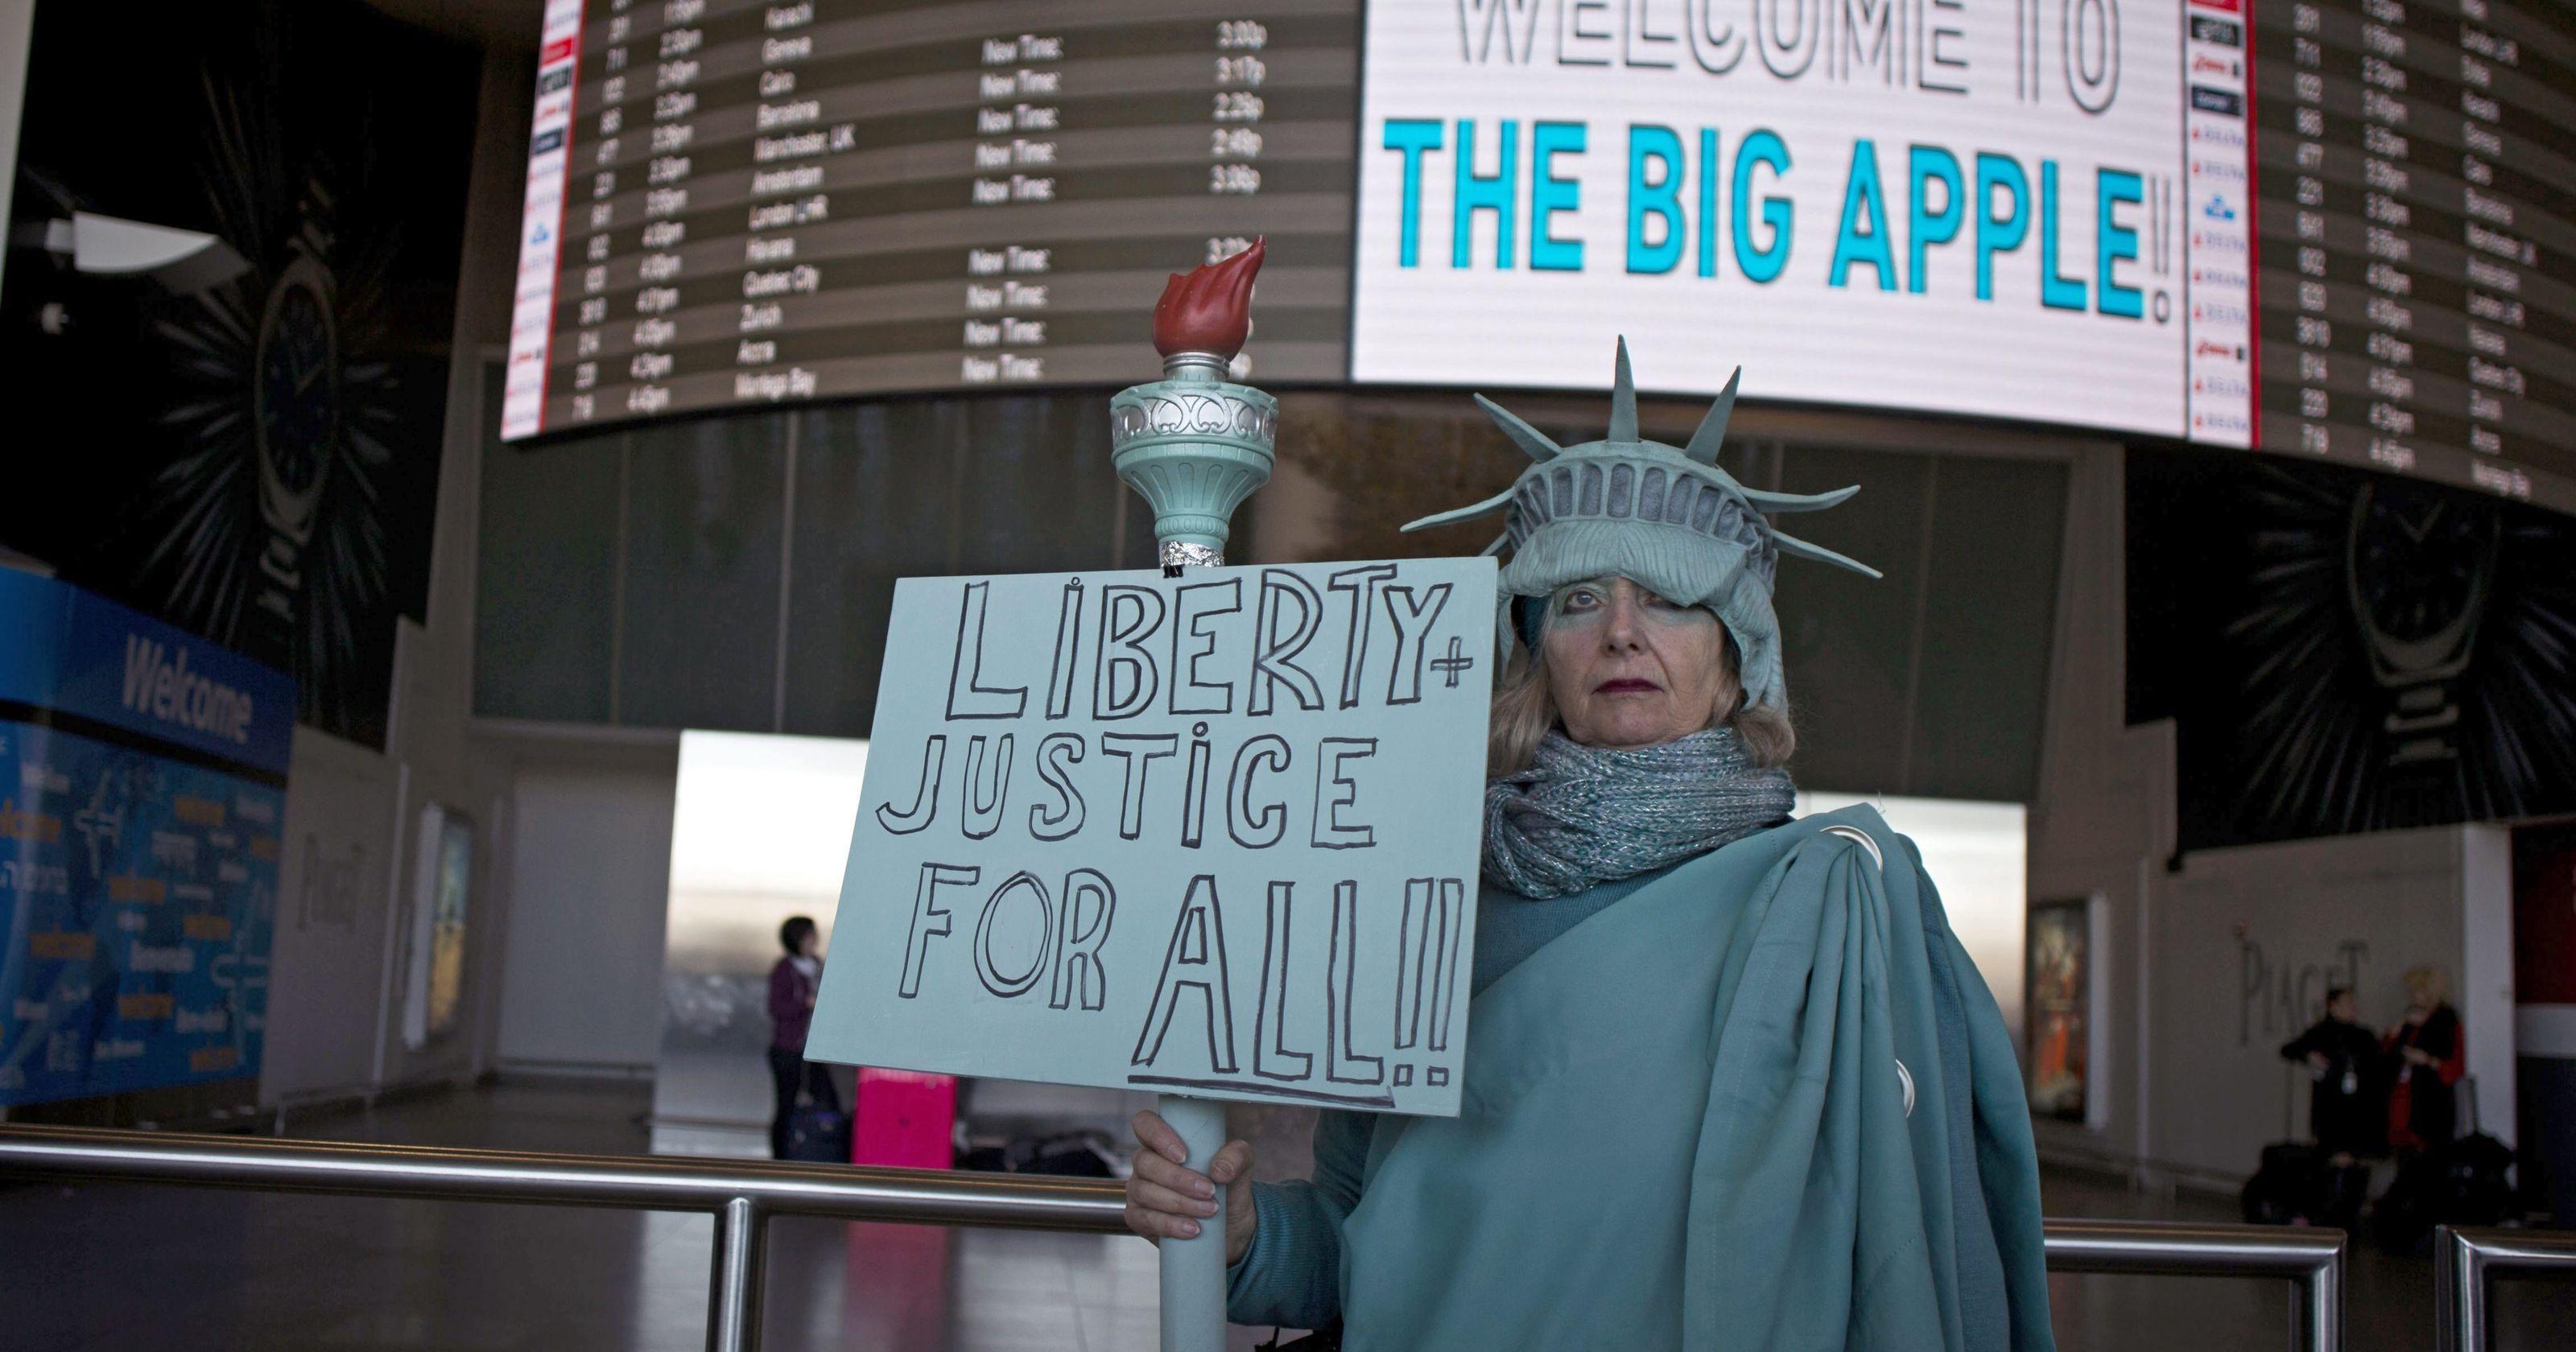 Протест против нового закона Трампа в Нью-Йорке